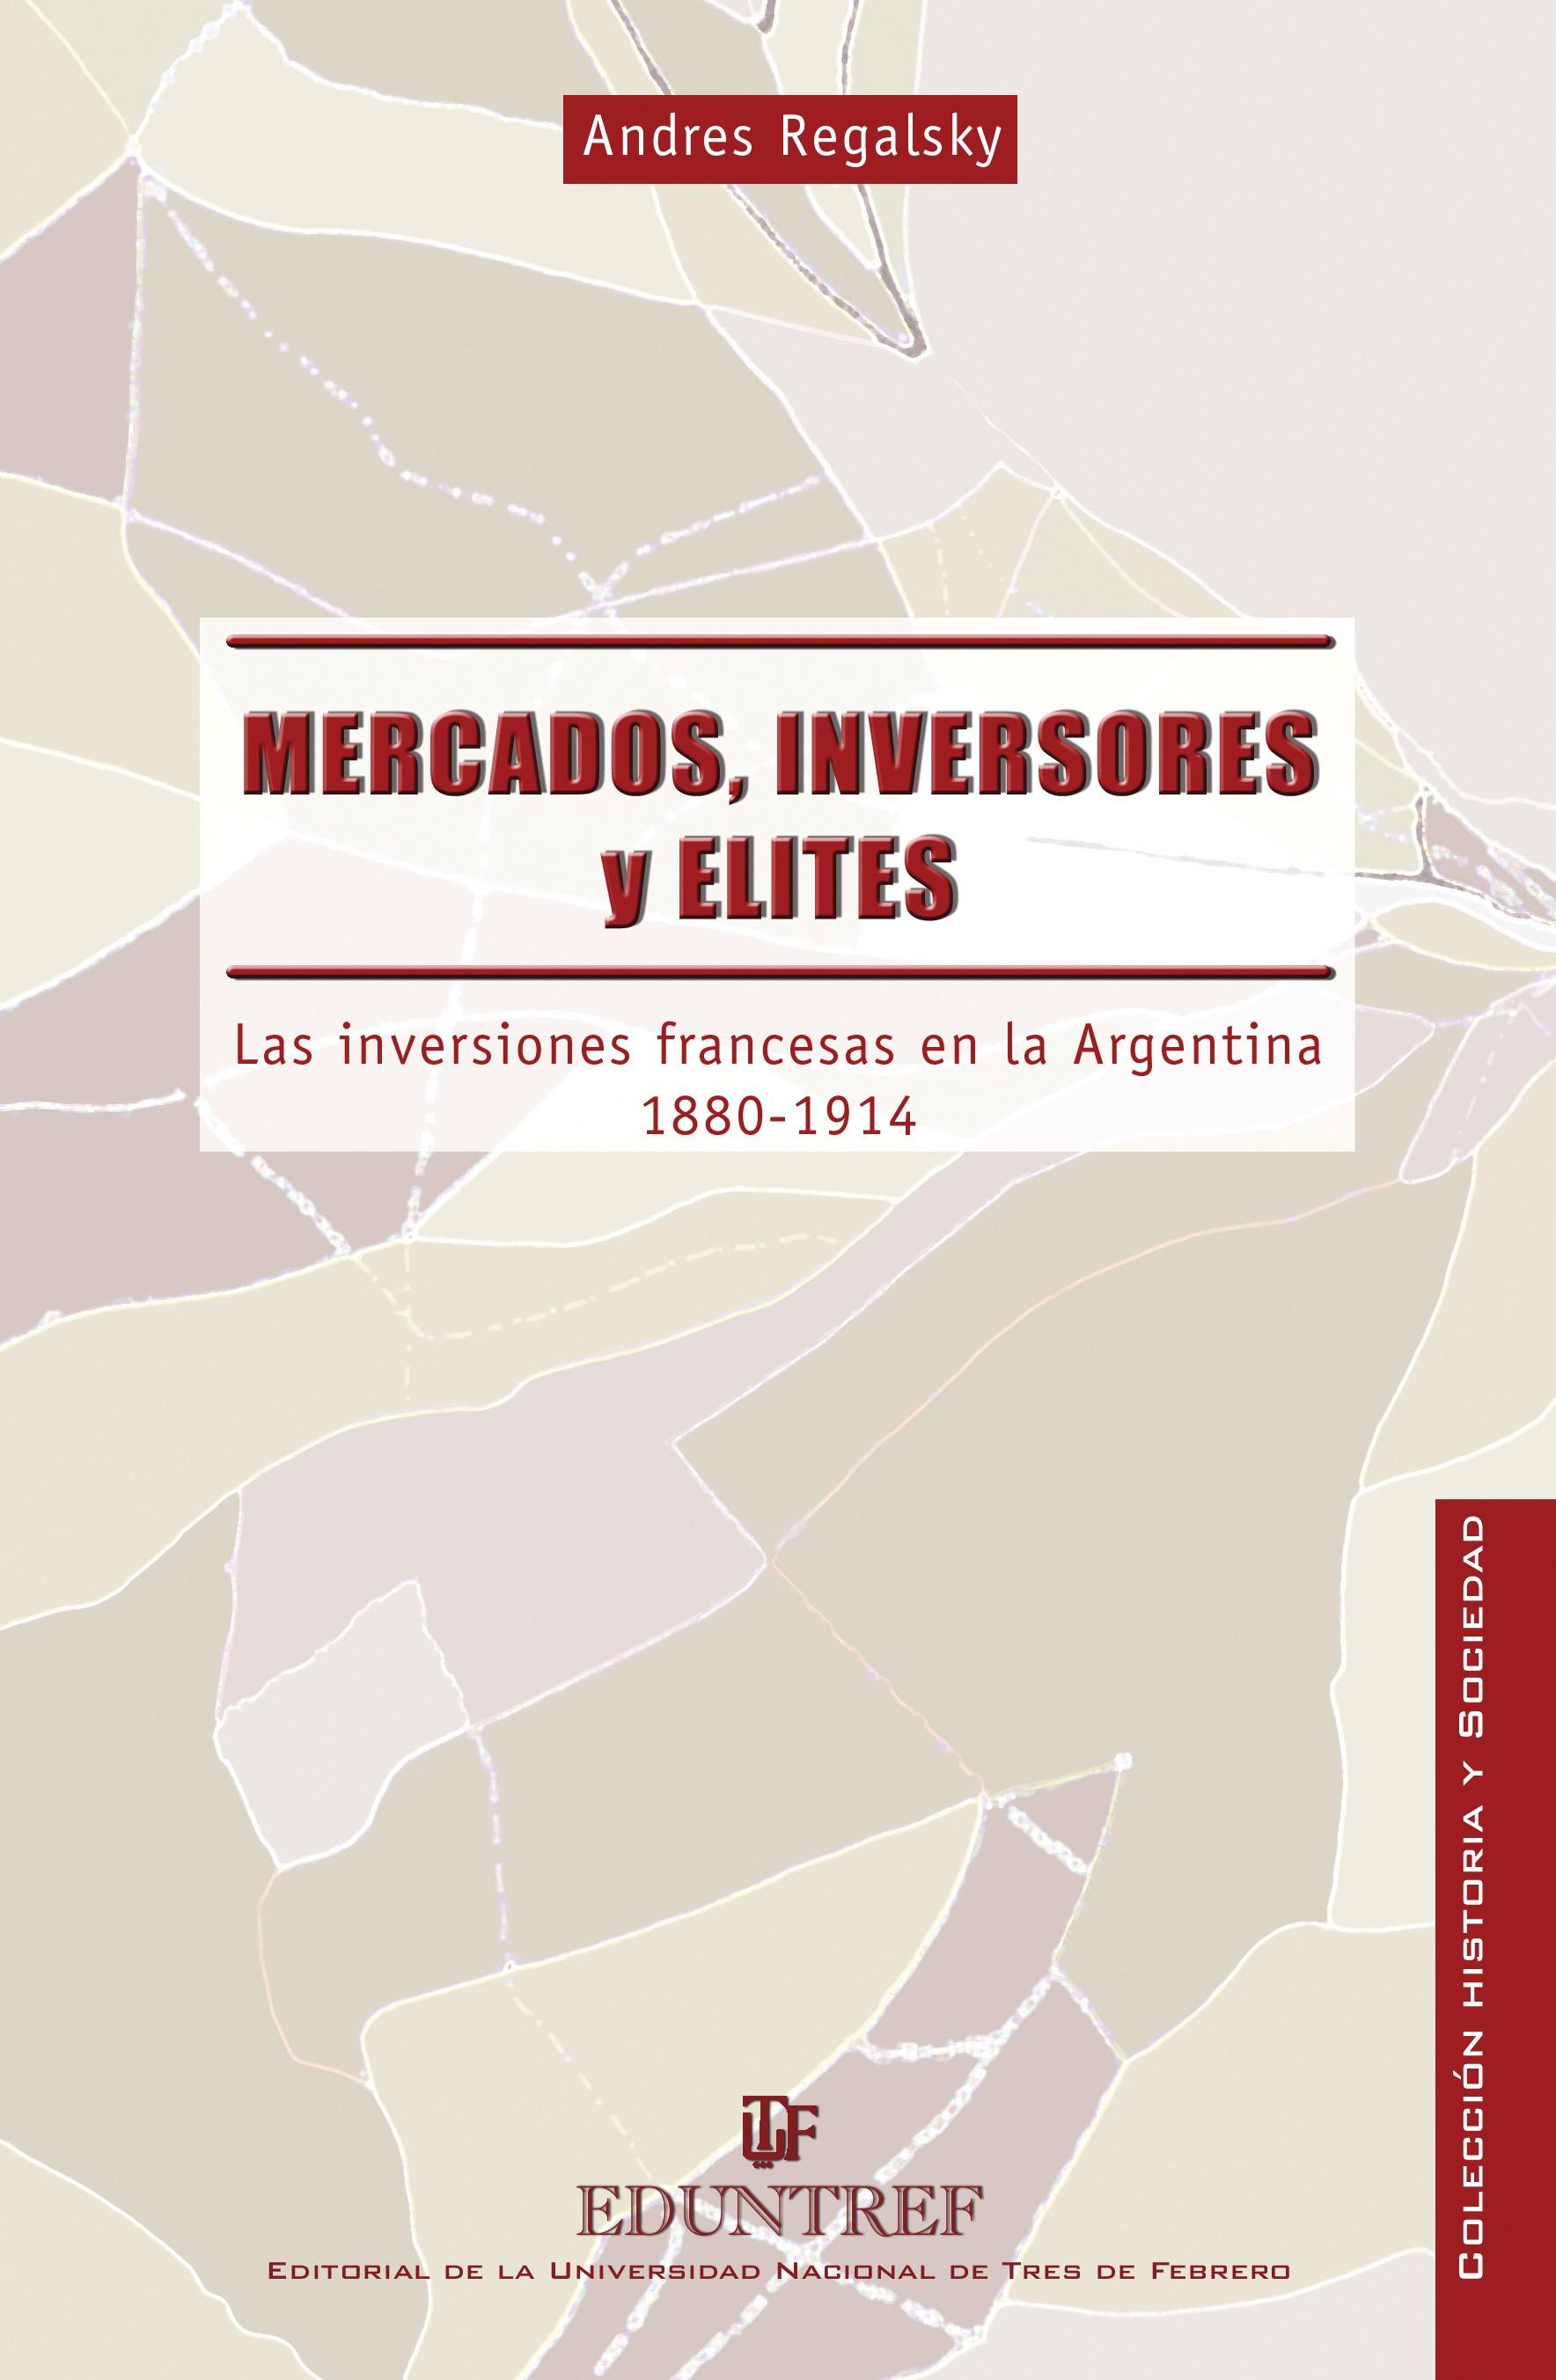 Mercados inversores y elites